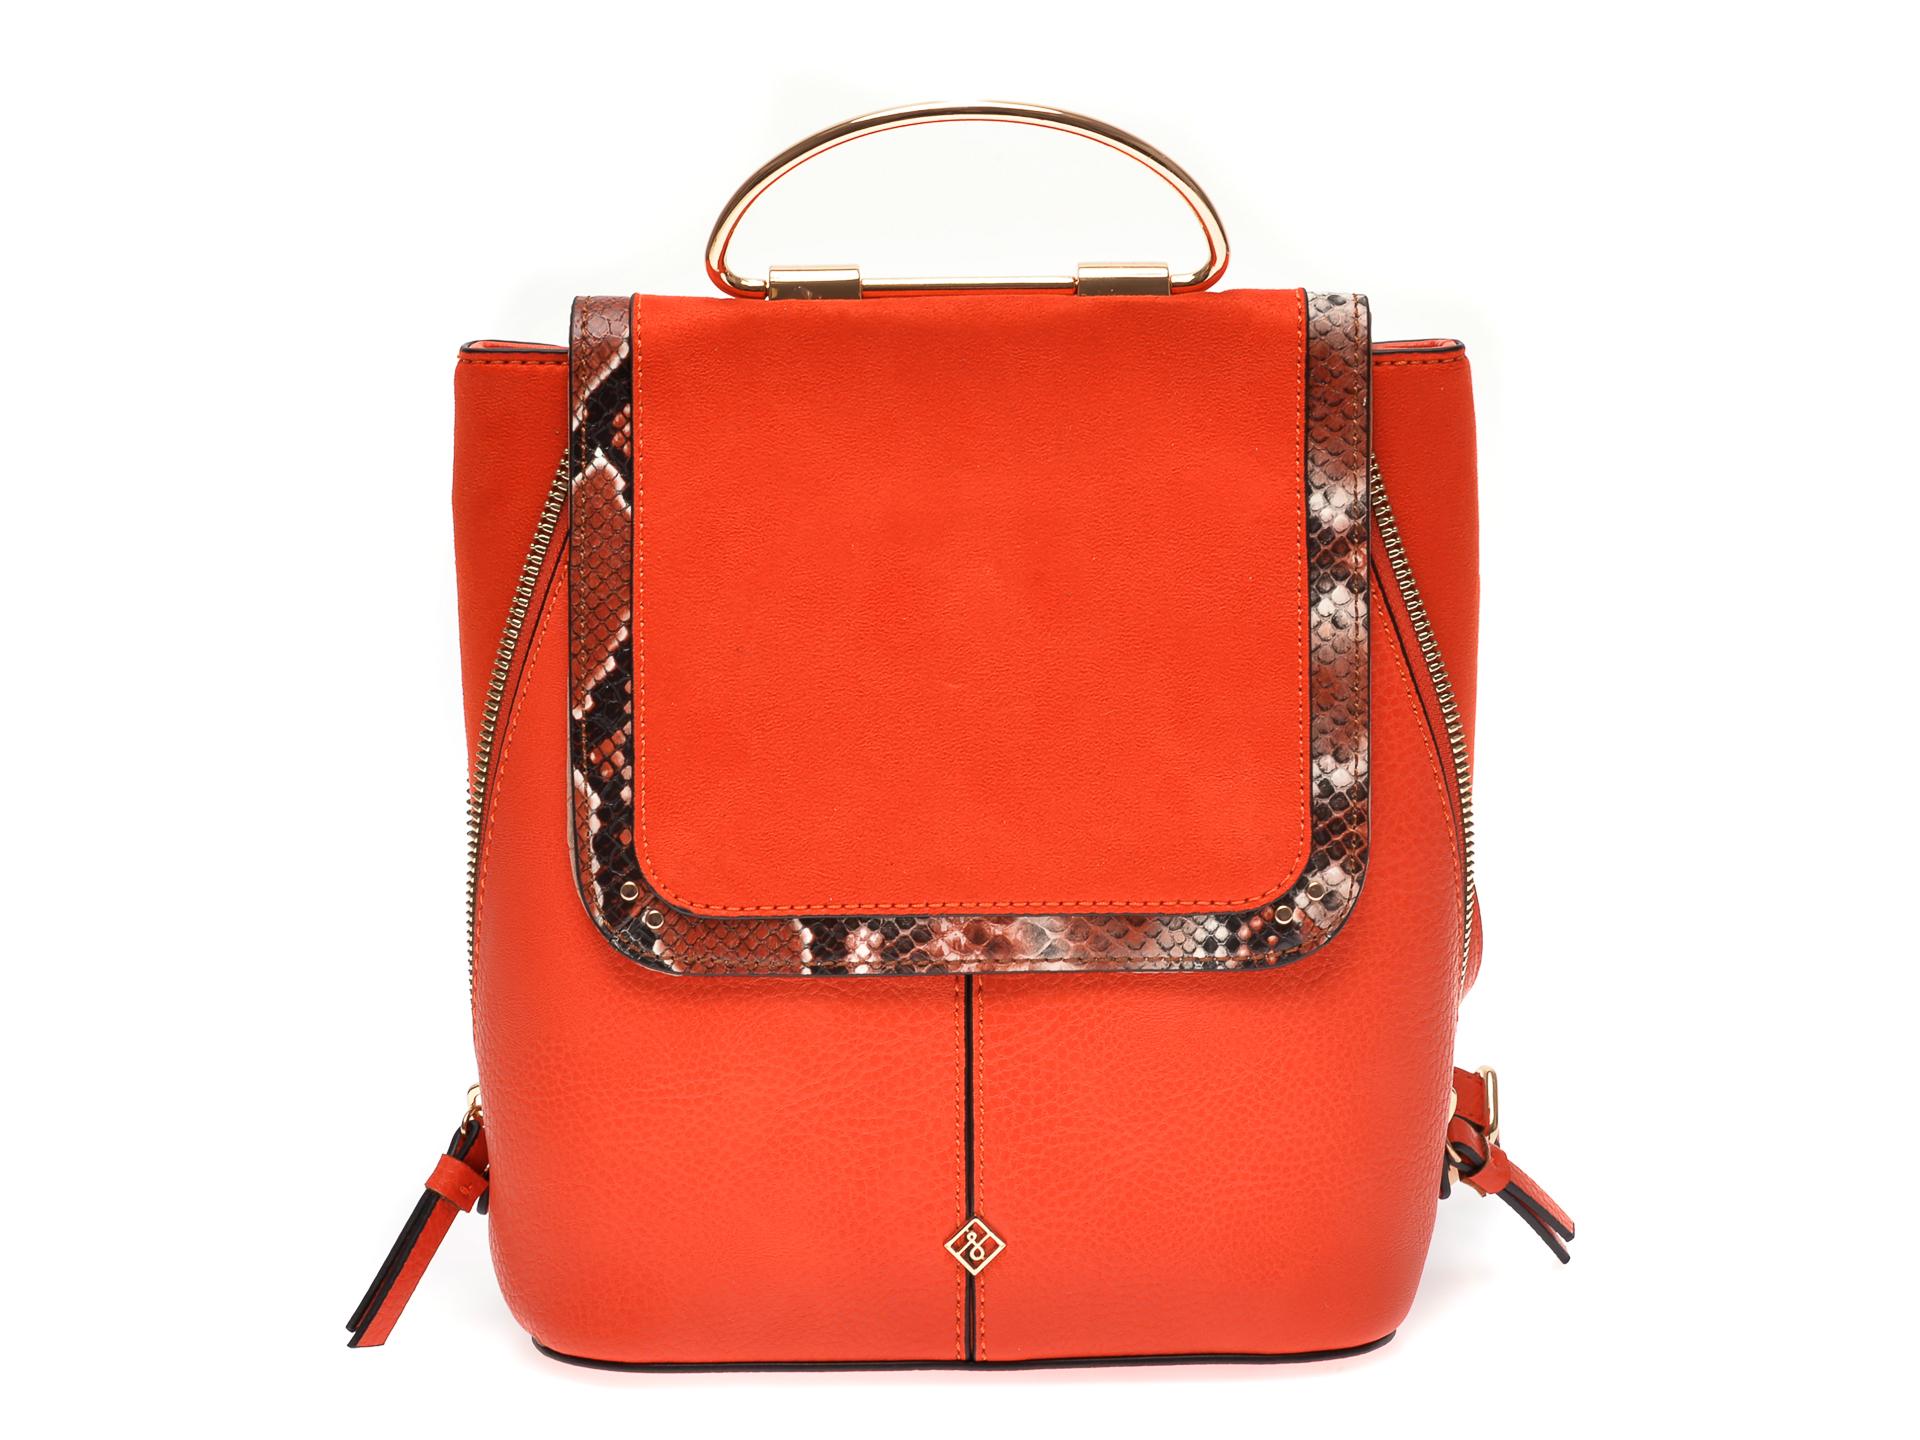 Rucsac CALL IT SPRING portocaliu, TRAI840, din piele ecologica imagine